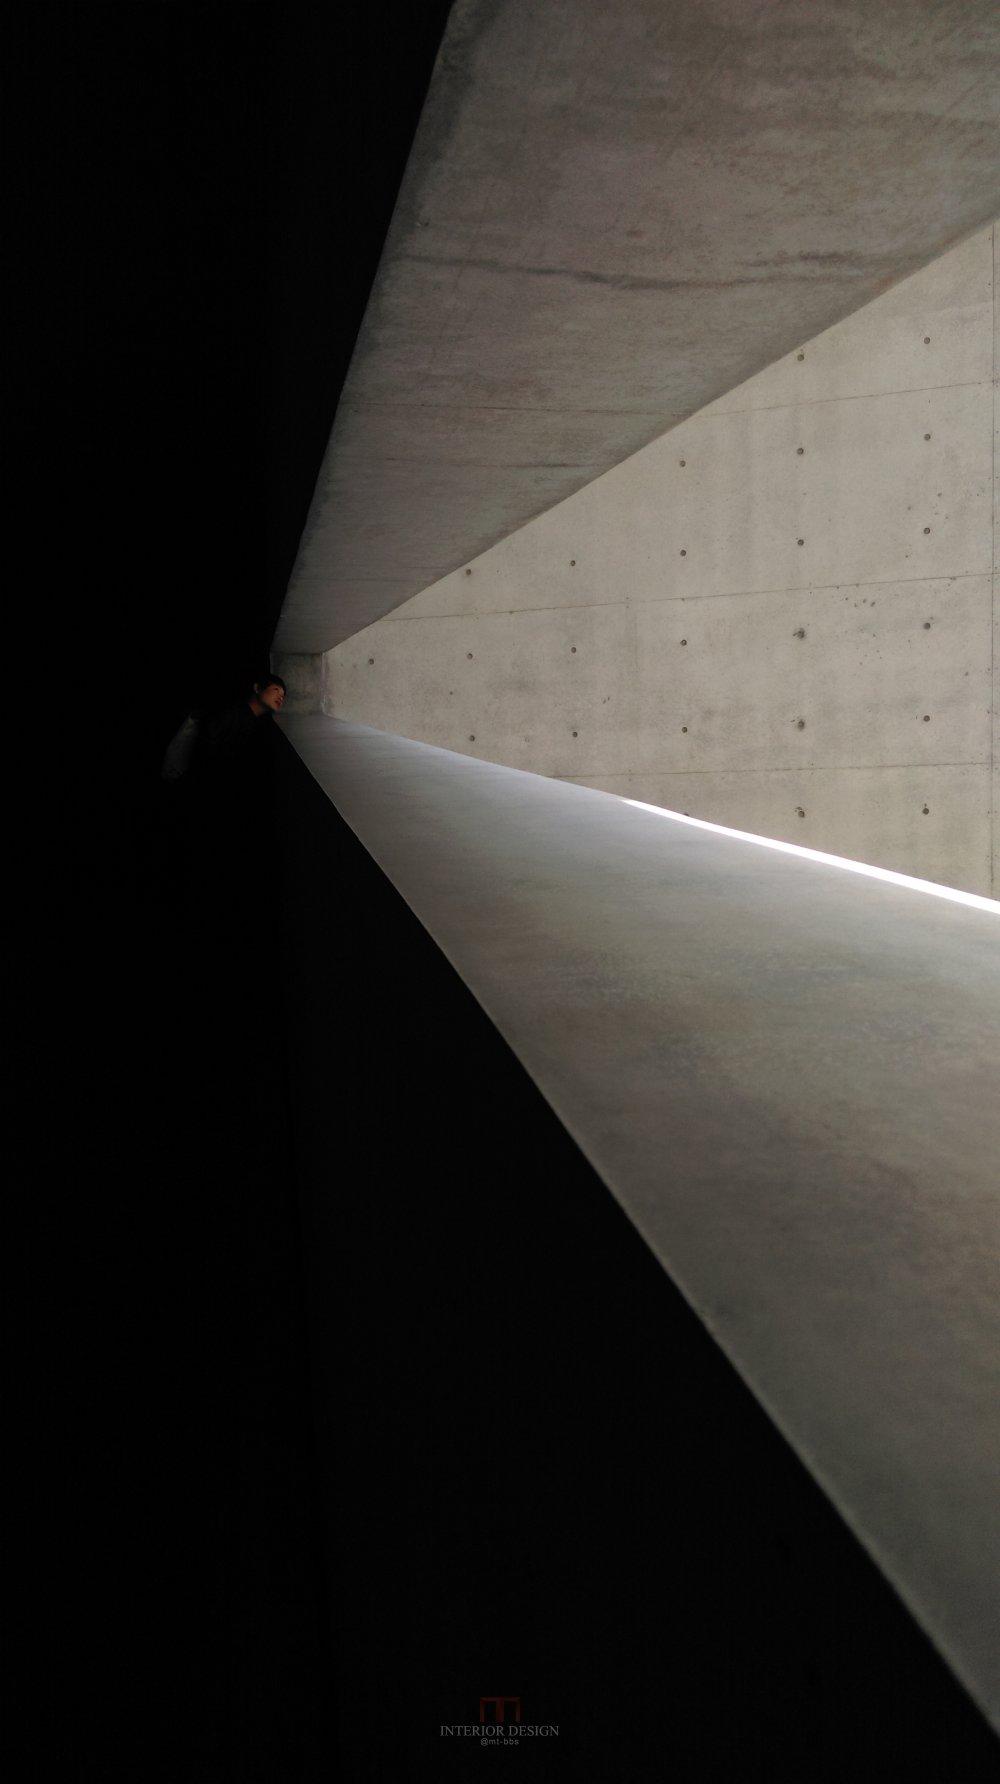 #伙伴一起看日本#  日本设计考察分享(更新美秀美术馆)_IMAG8805.jpg